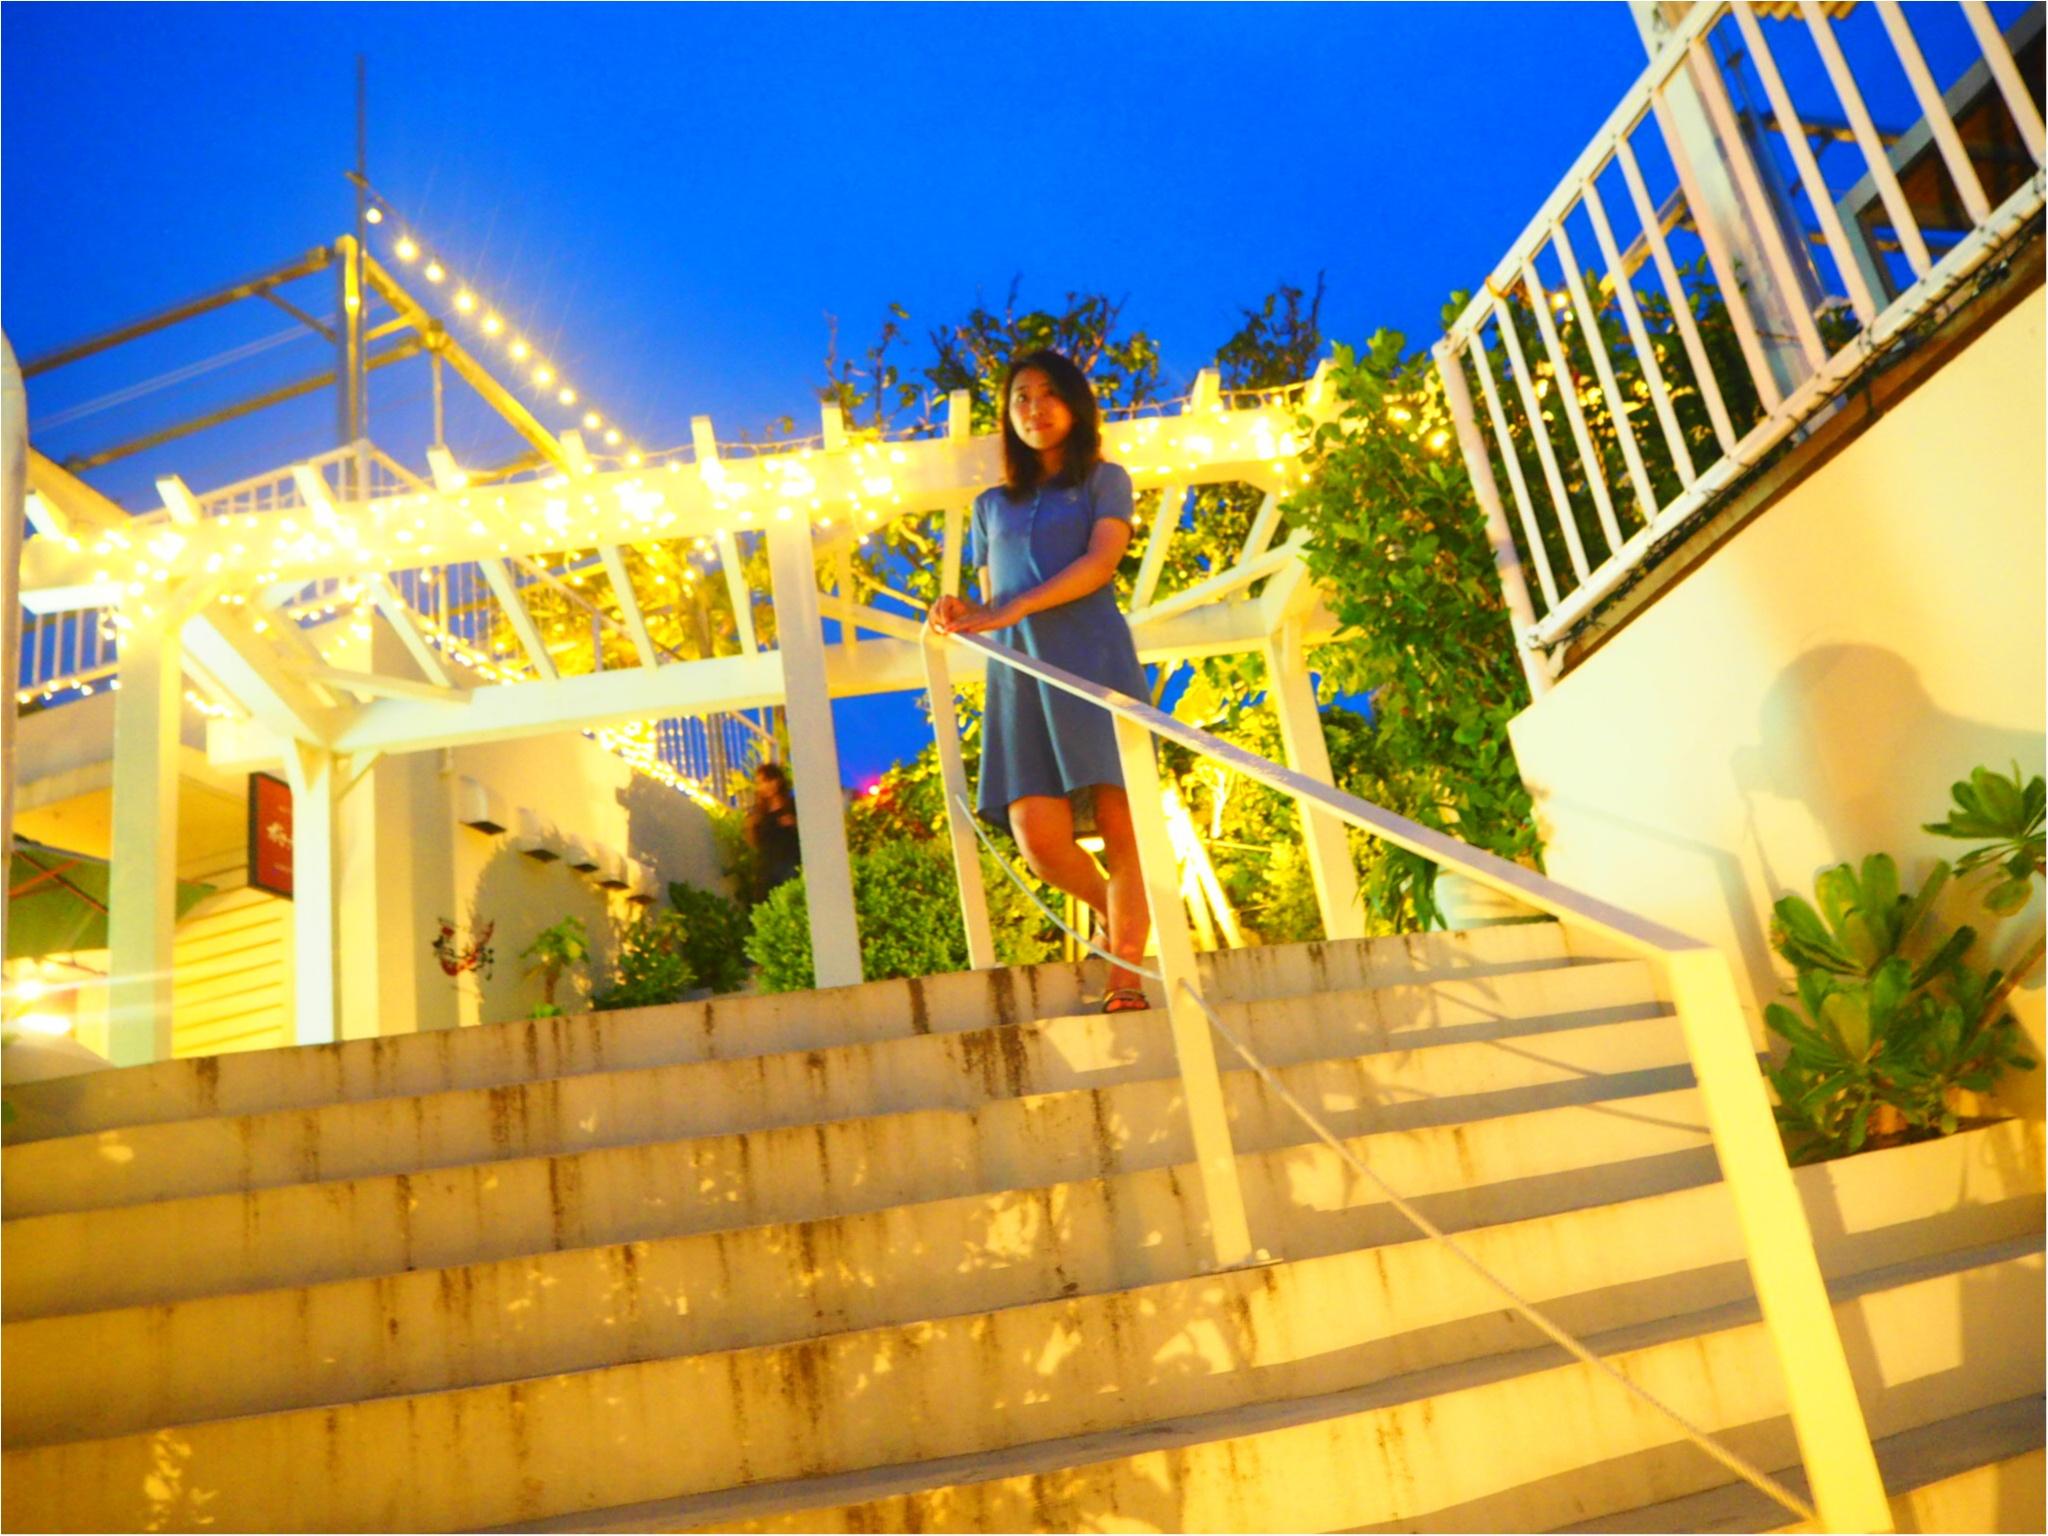 【女子旅♬】part.①沖縄に行ってきました〜♡ファットジェニックたっぷり♡〜レンタカーを使わなくても(ペーパードライバー)たっぷり楽しめました♡♡自然豊かで、とっても癒されました♡_9